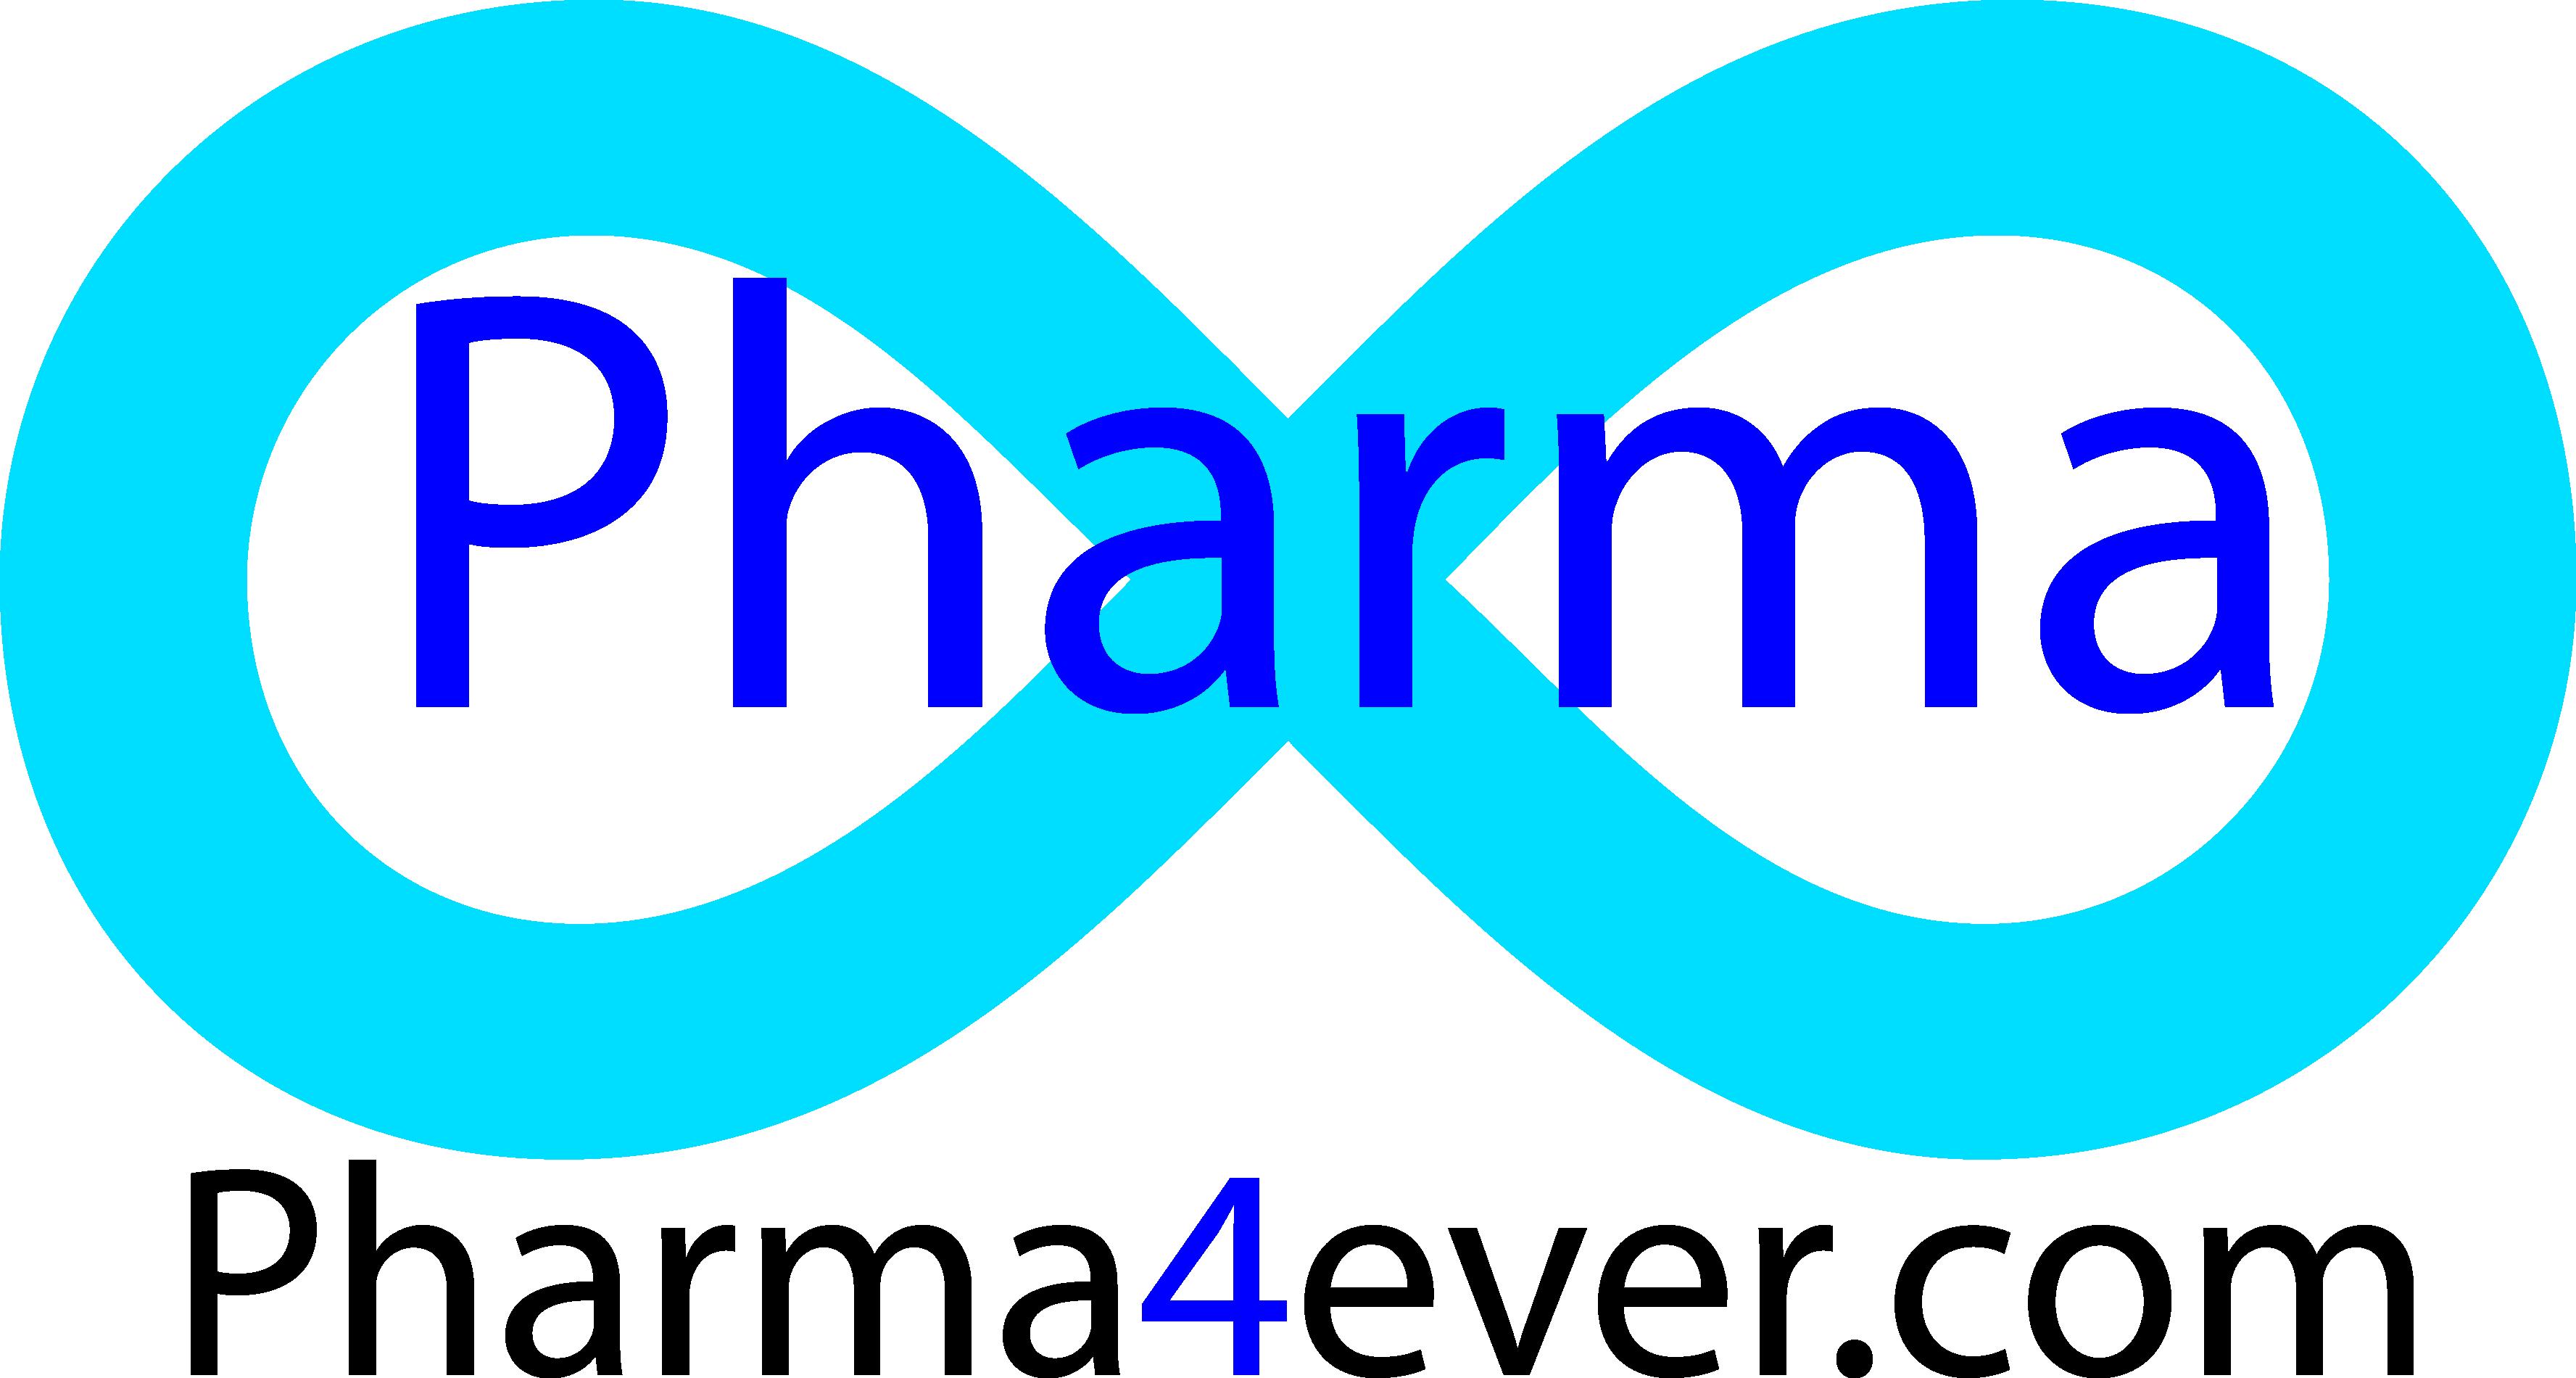 Pharma4ever